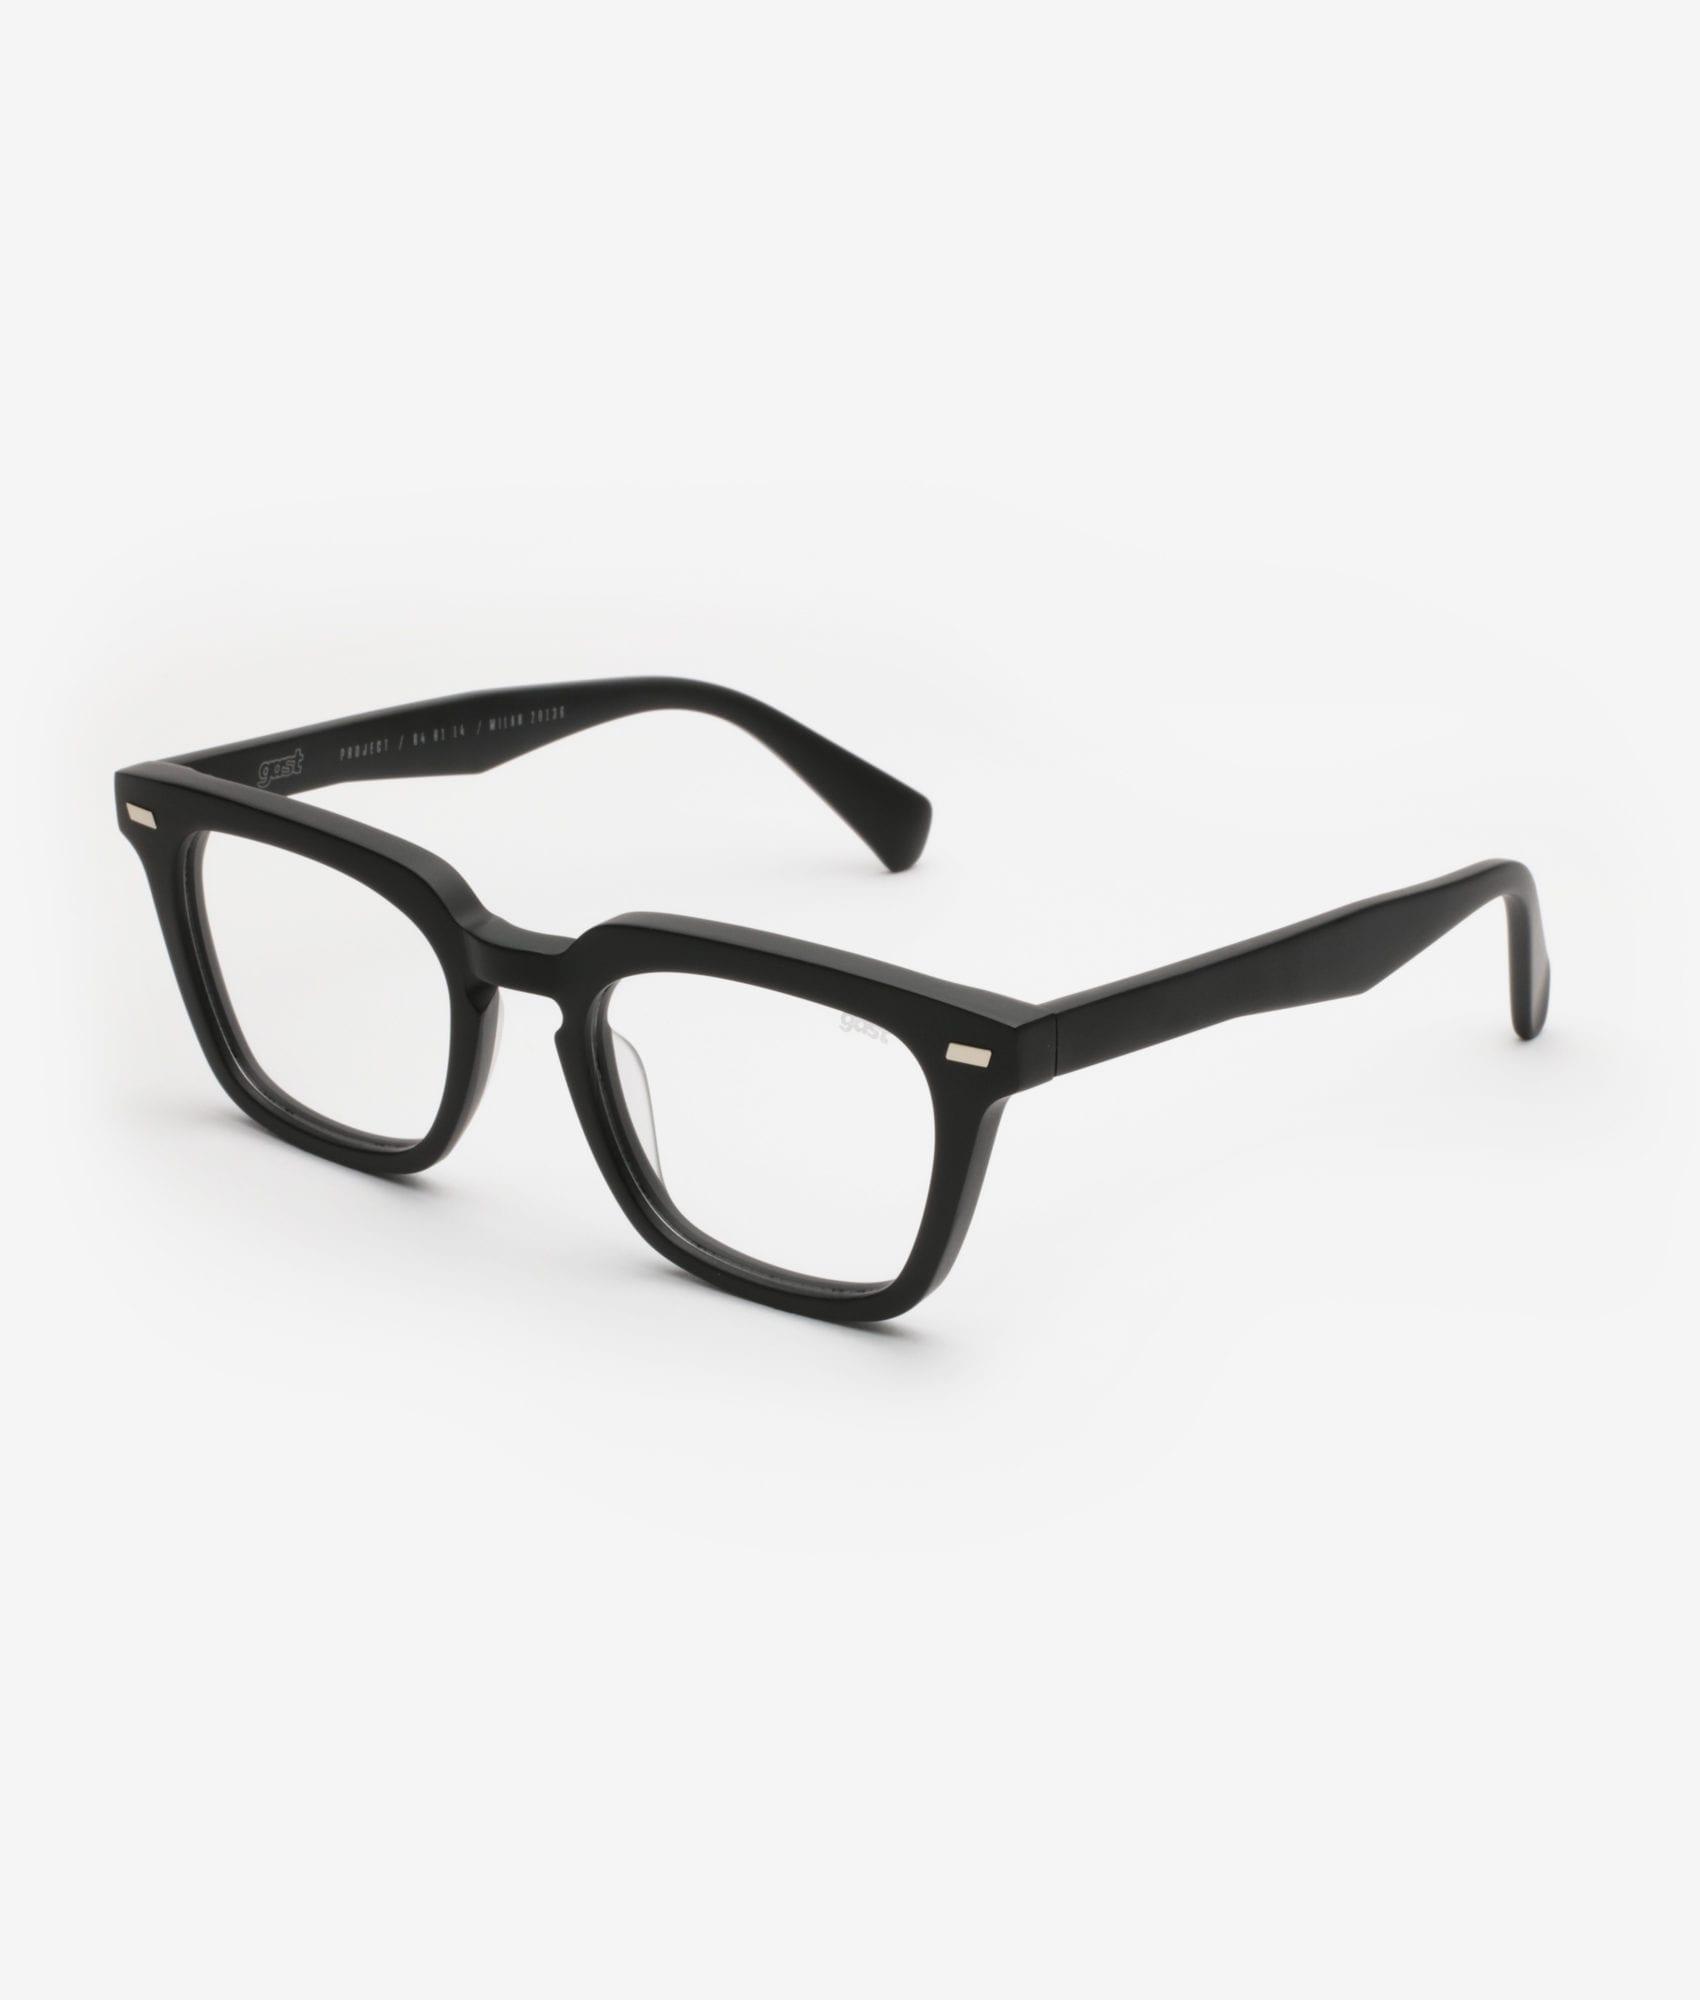 Ciacer Black Gast Eyewear